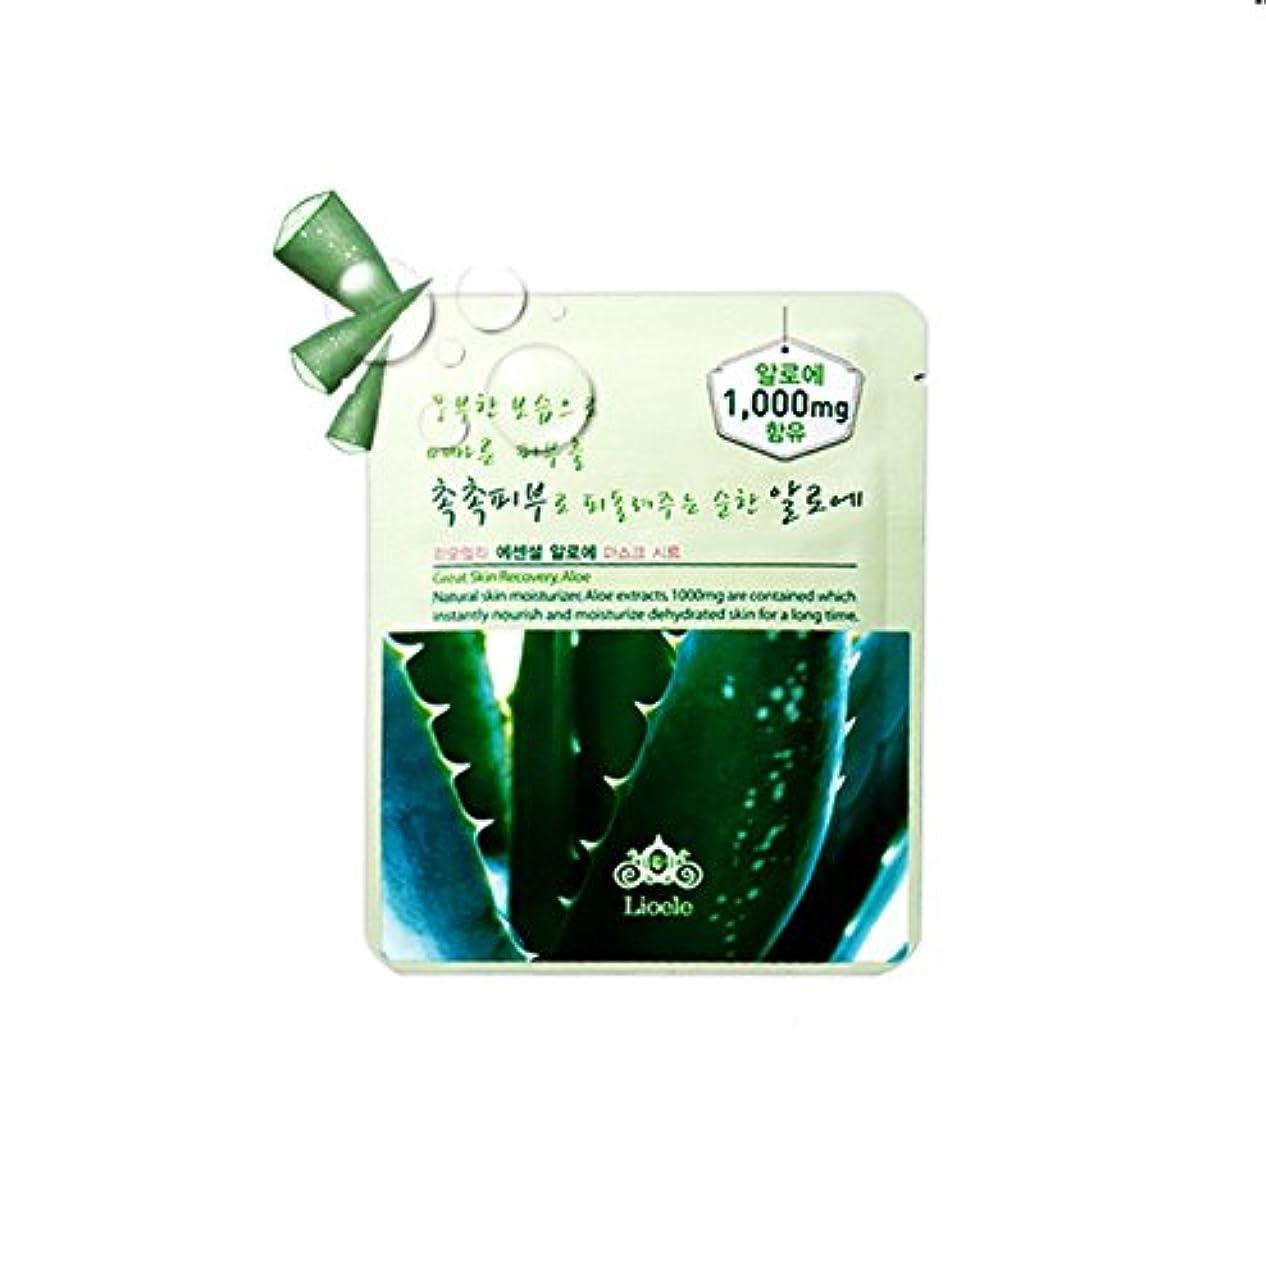 狂うレキシコン近代化するLioele (リオエリ) エッセンシャル マスク シート / Essential Mask Sheet (アロエ (Aloe Mask Sheet)) [並行輸入品]